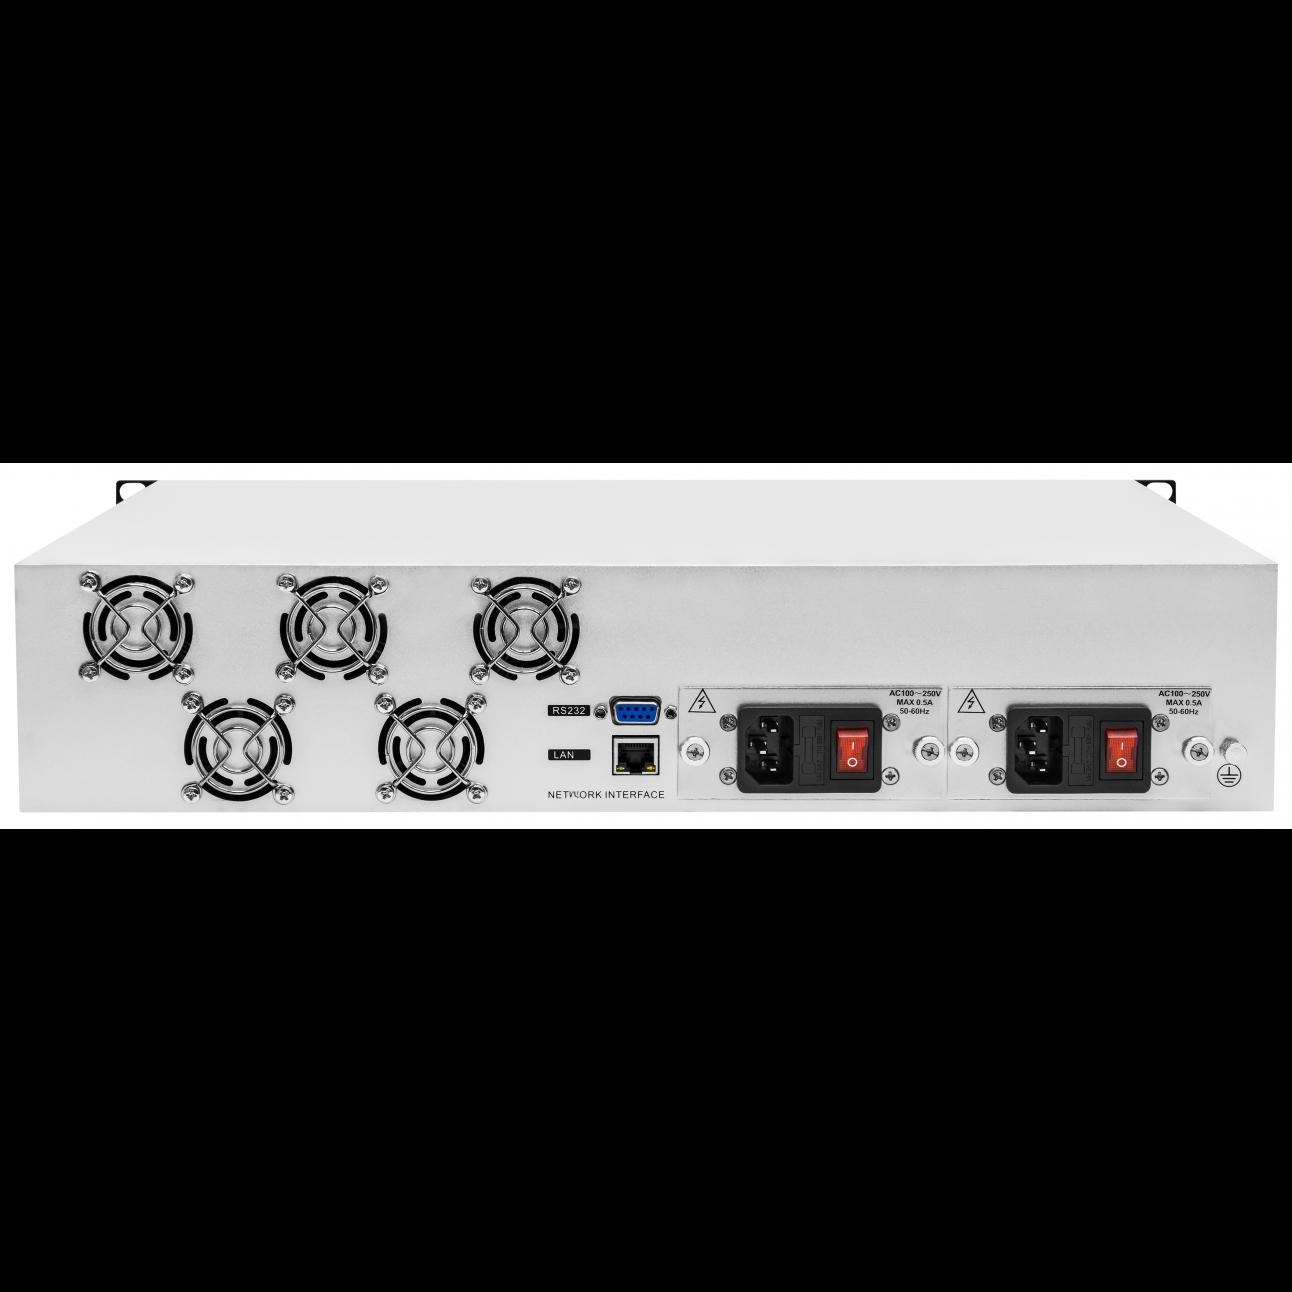 Оптический усилитель VERMAX для сетей КТВ, 8*20dBm, WDM фильтр PON